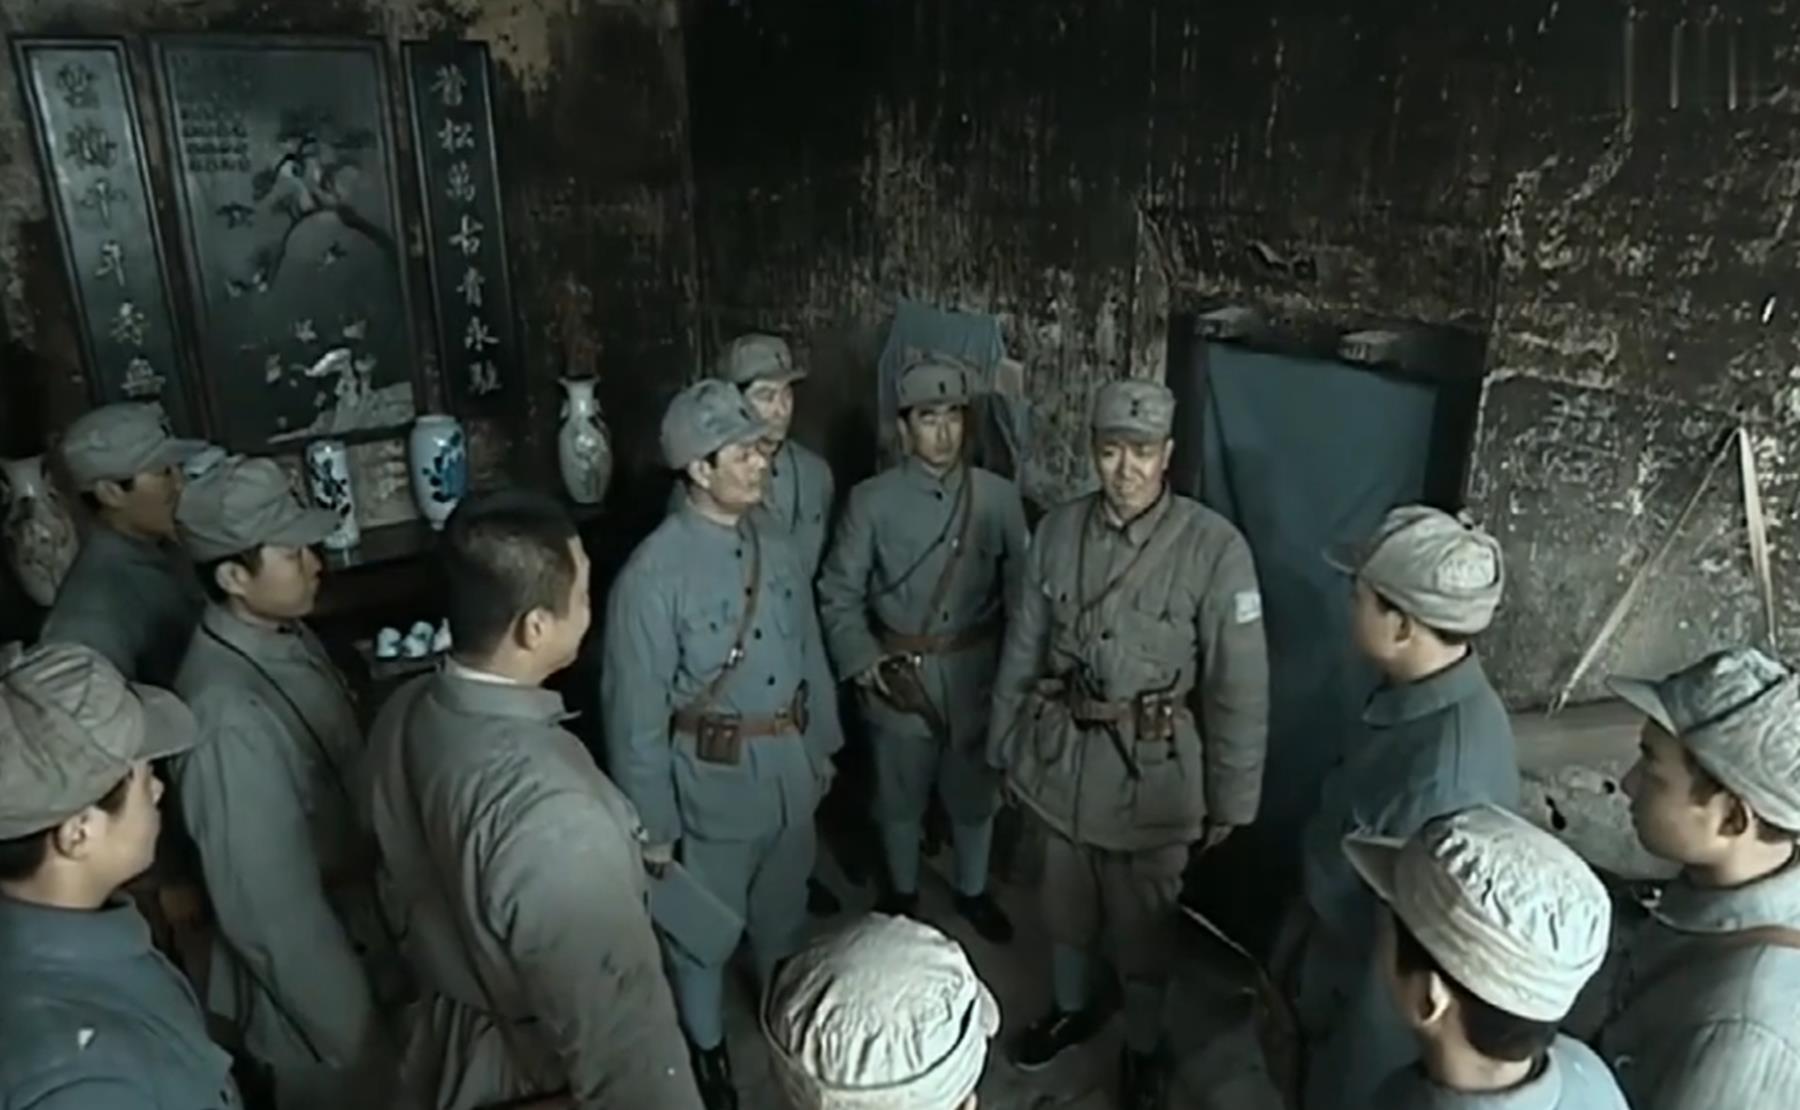 鲁迪诺斯_亮剑:平安城一战打赢了,为何旅长却气跳脚?瞧瞧李云龙干的好事